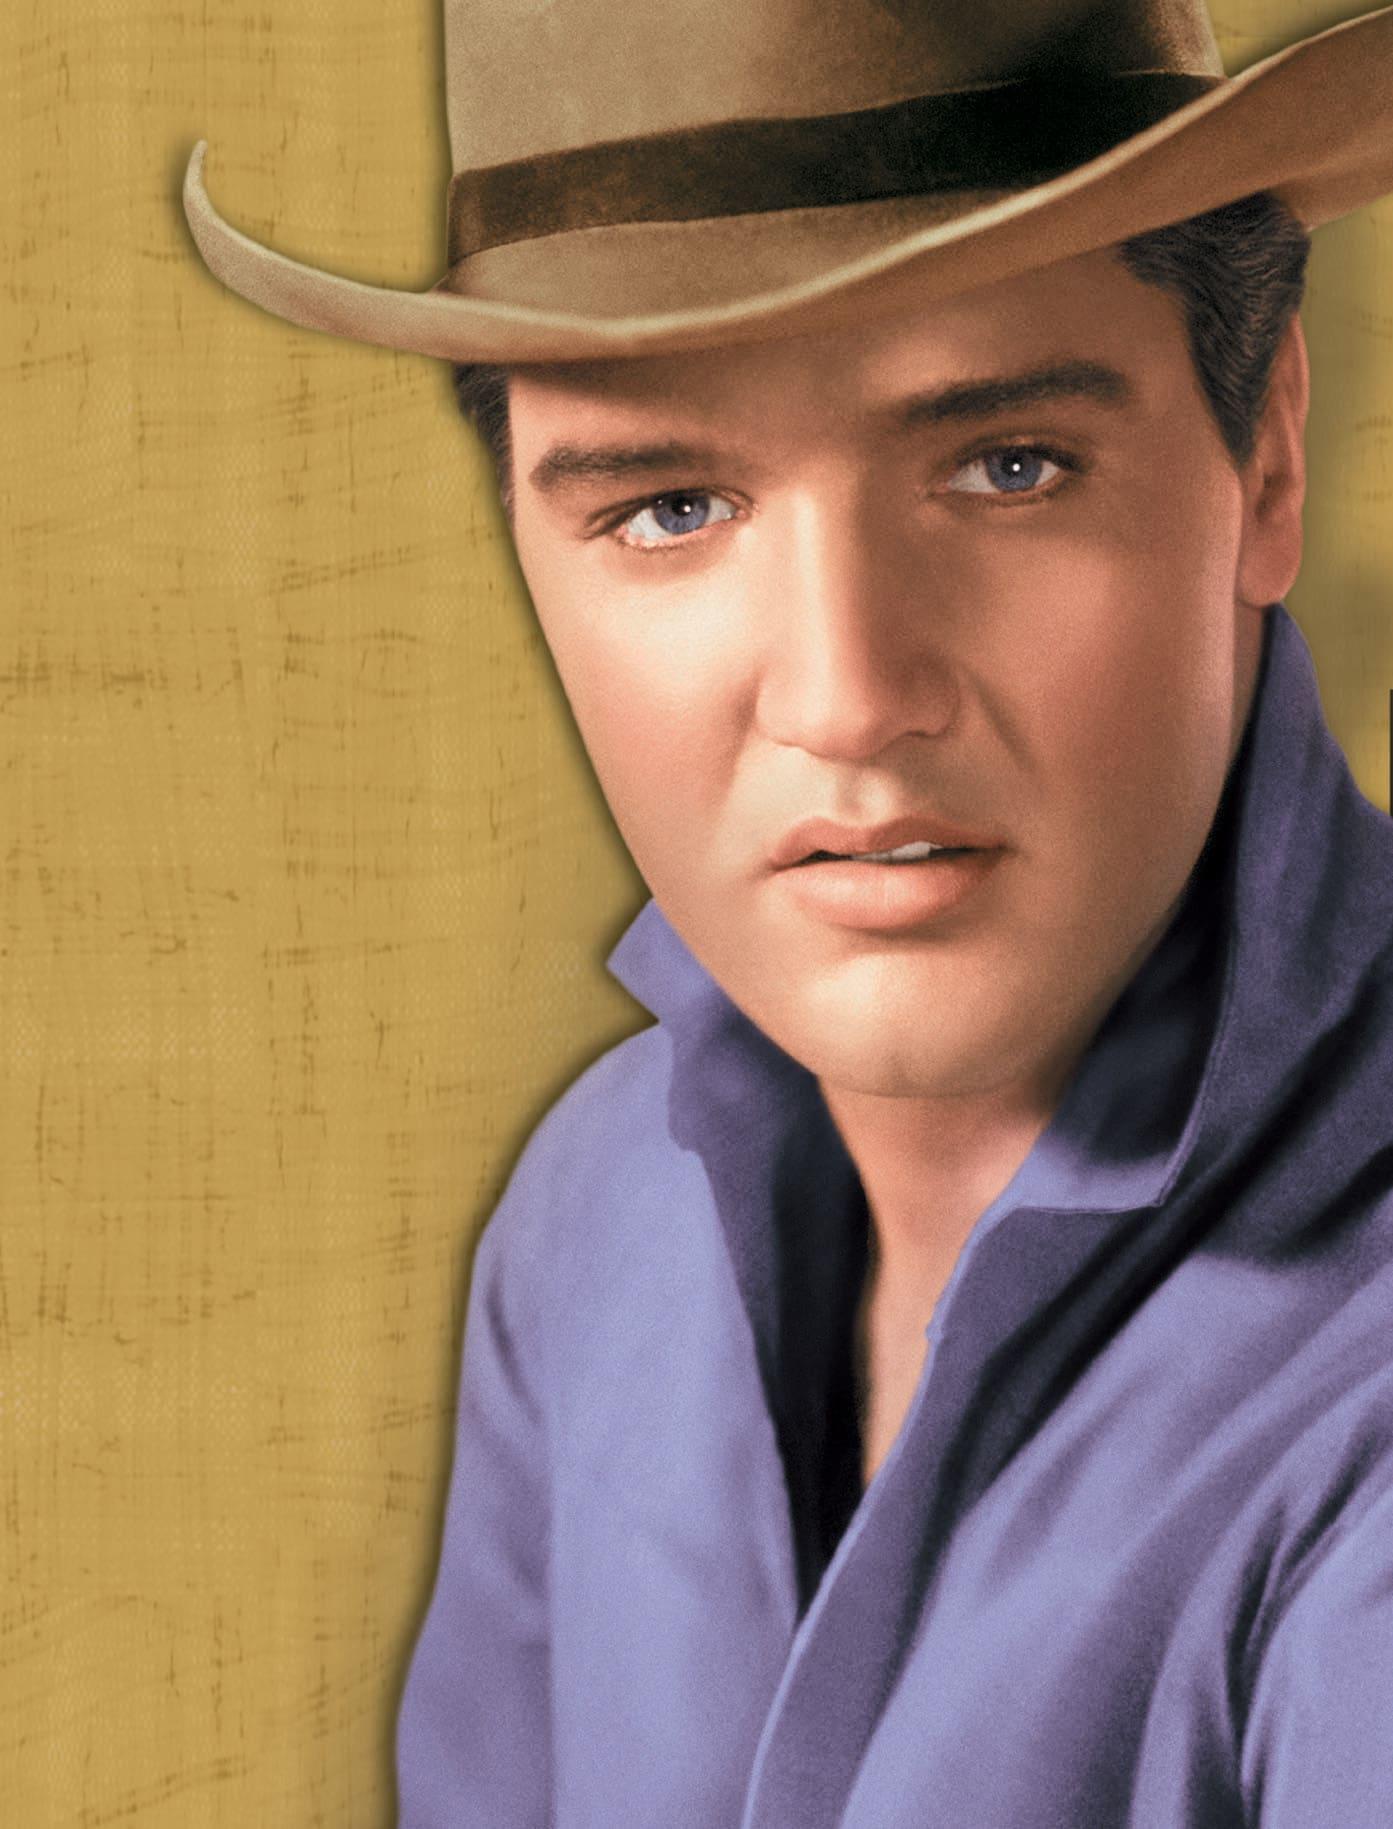 FLAMING STAR, Elvis Presley, 1960